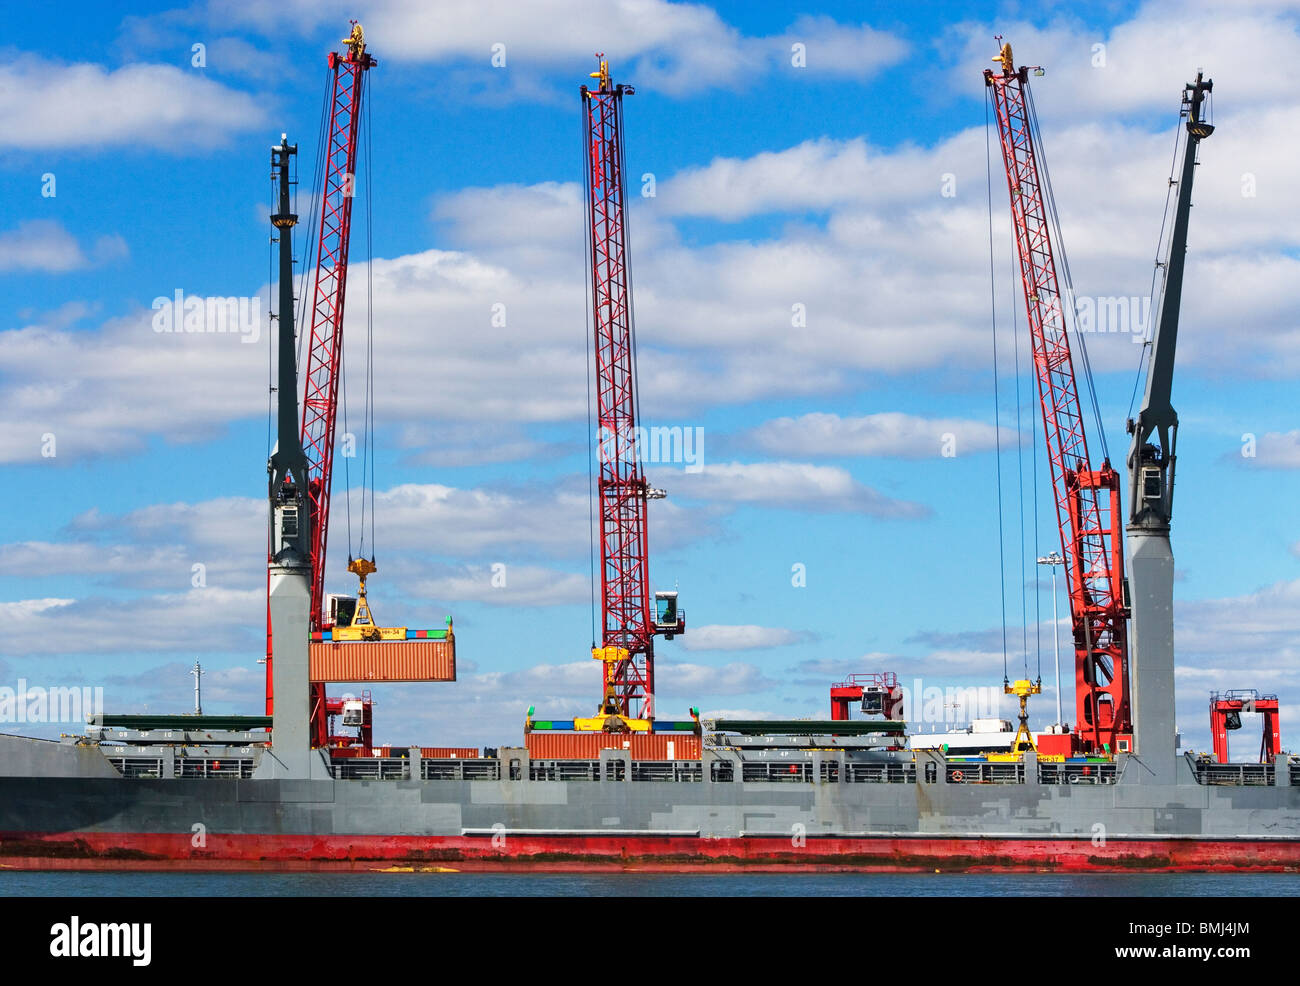 Cranes on cargo ship Stock Photo